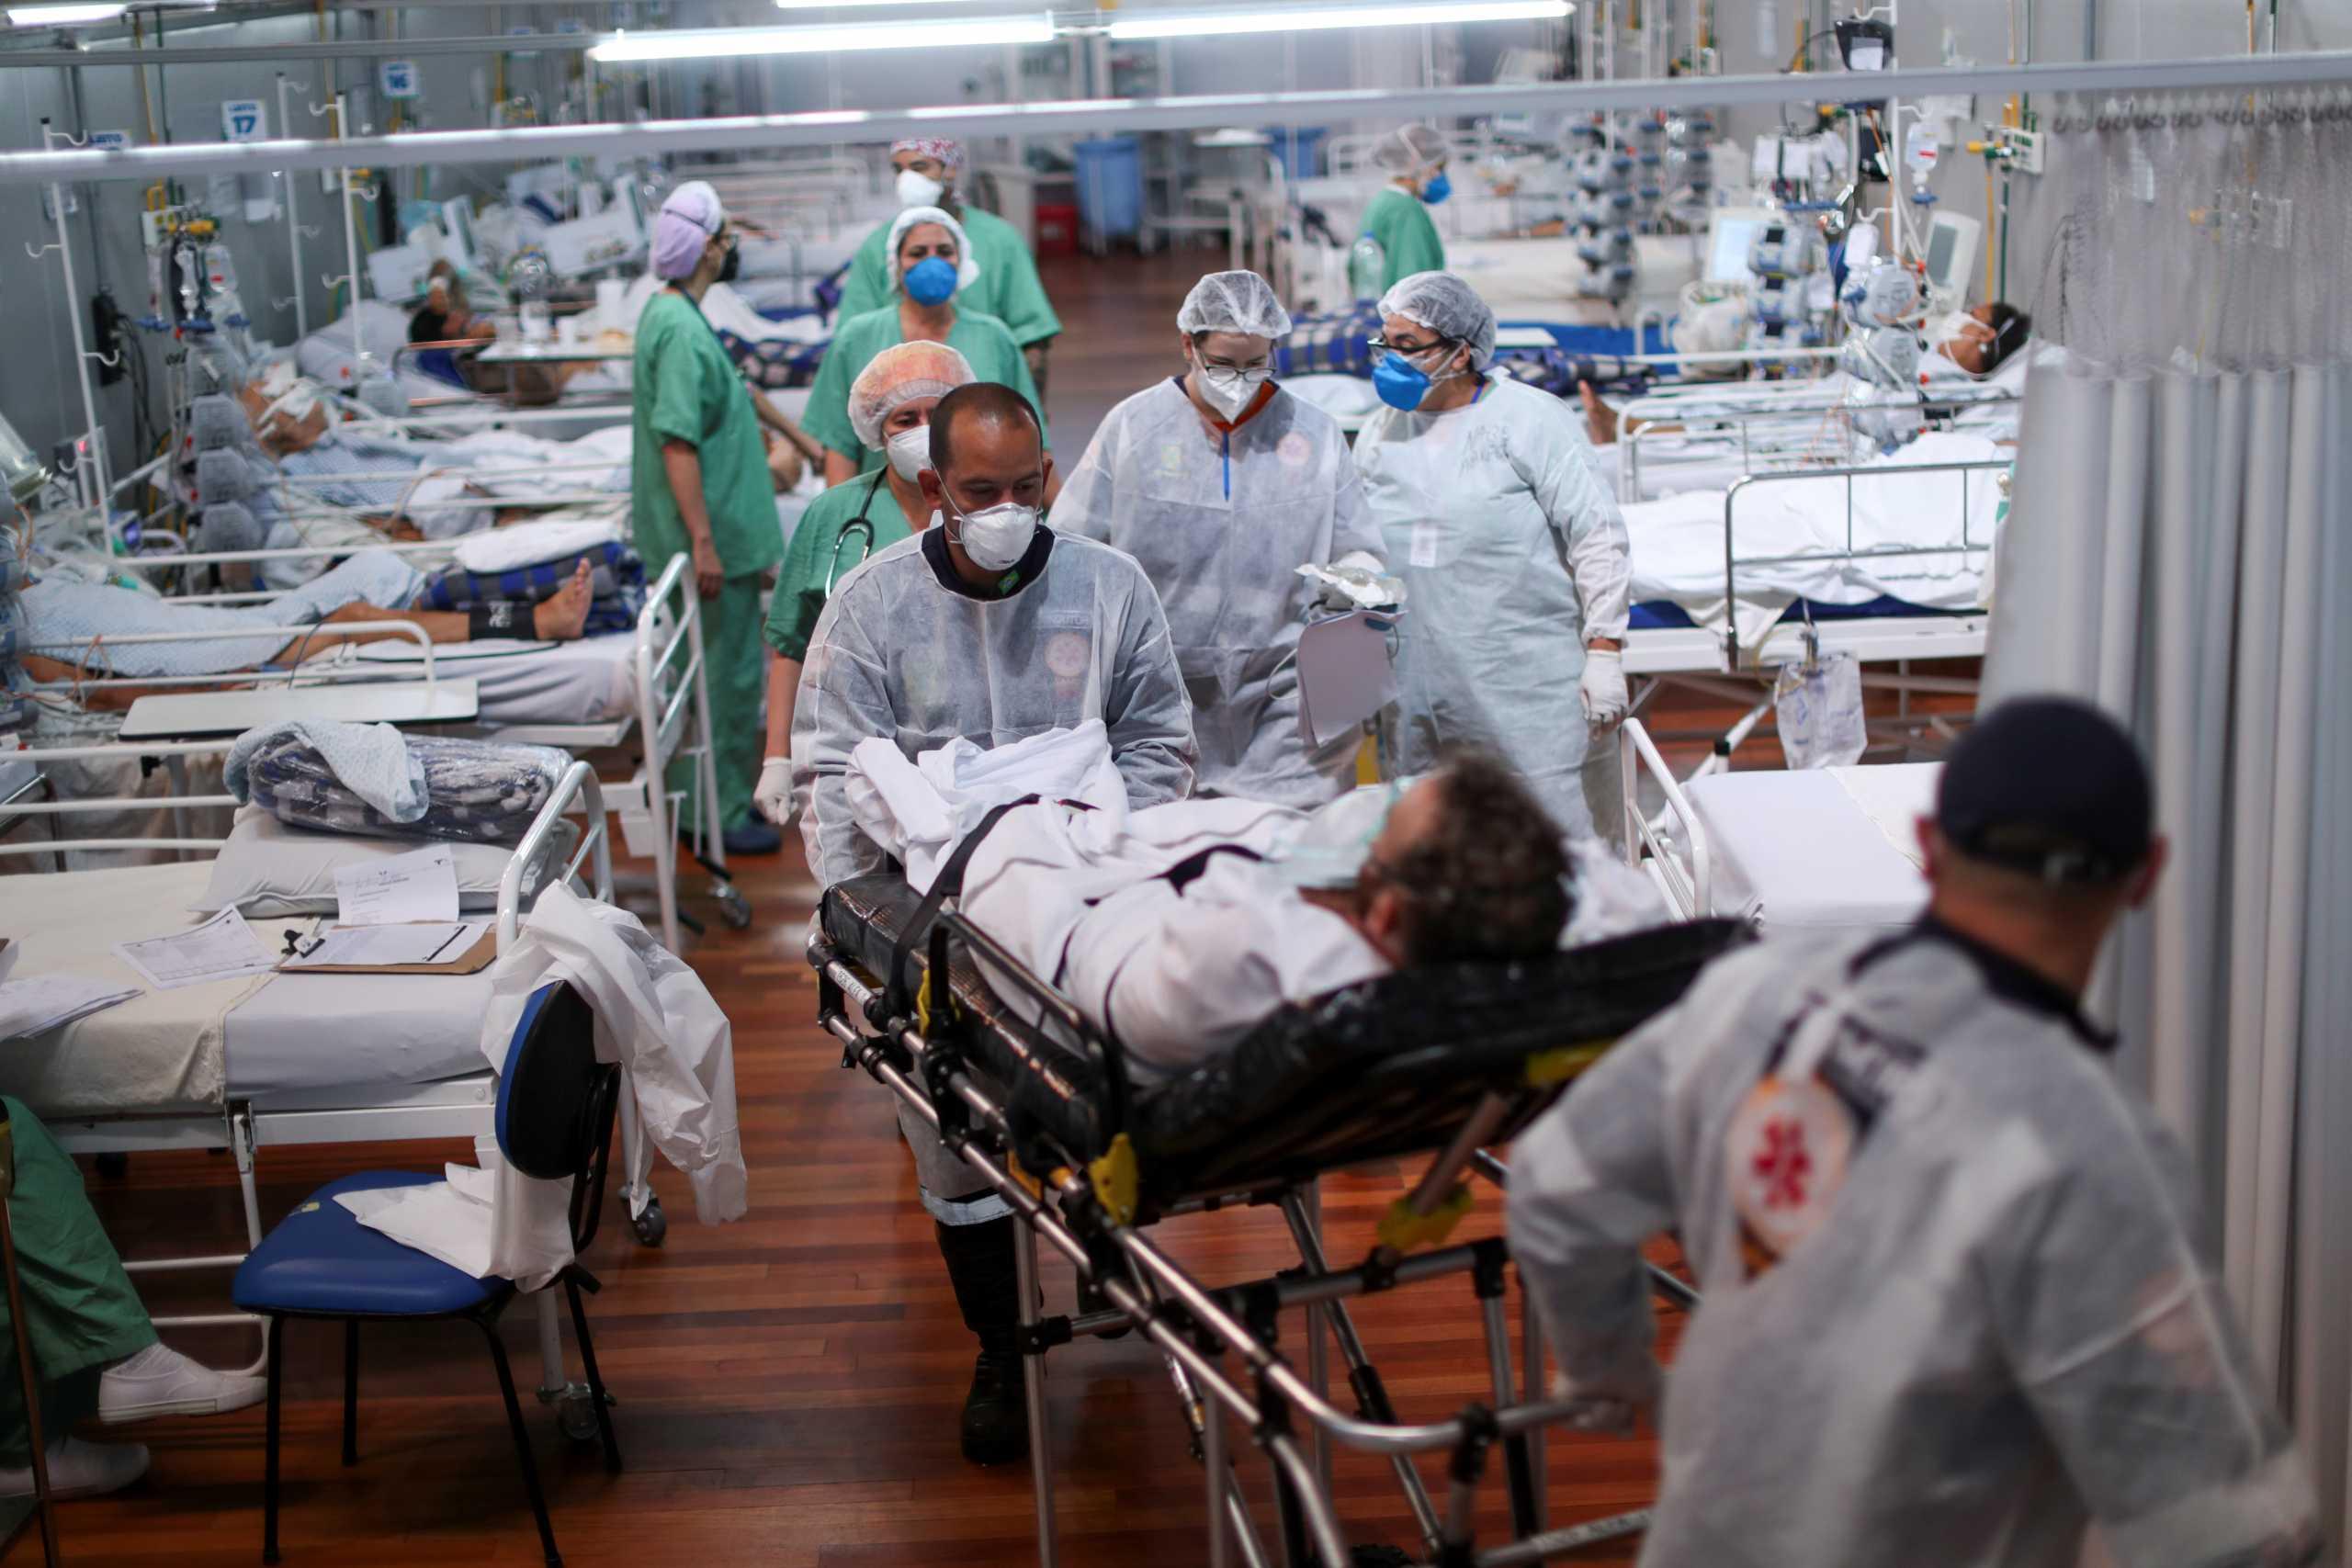 Ο κορονοϊός τσακίζει τη Λατινική Αμερική: Ξεπέρασαν τους 430.000 οι θάνατοι στην Βραζιλία